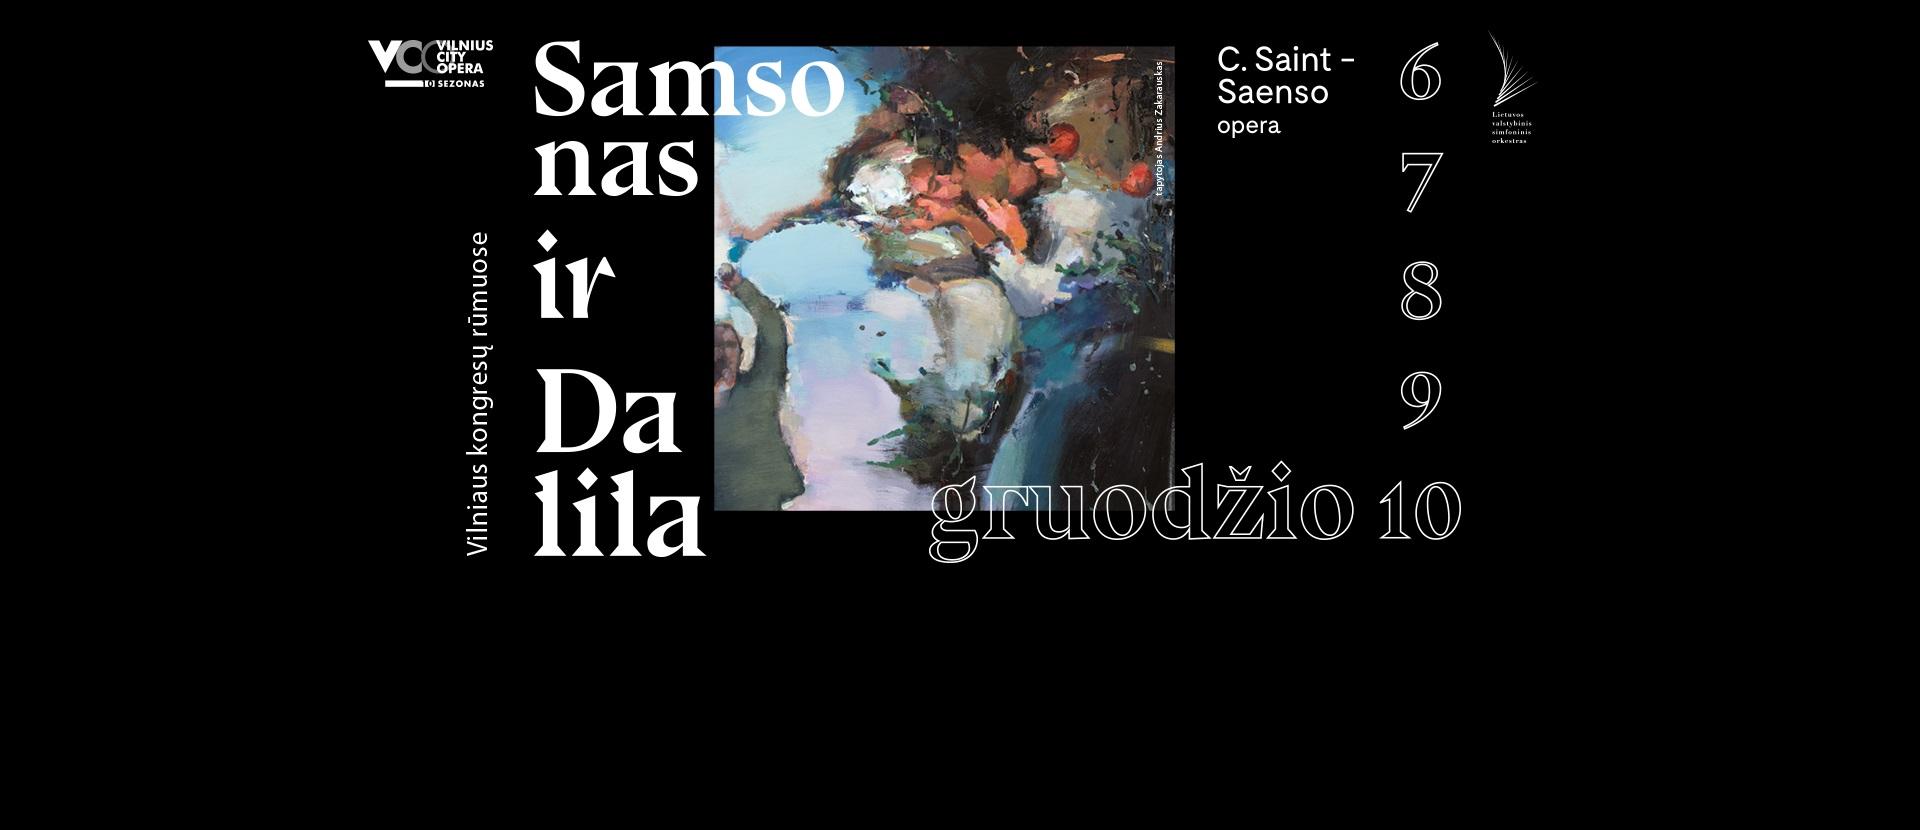 """Naujausia premjera """"Samsonas ir Dalila"""" C. Saint - Saenso opera"""